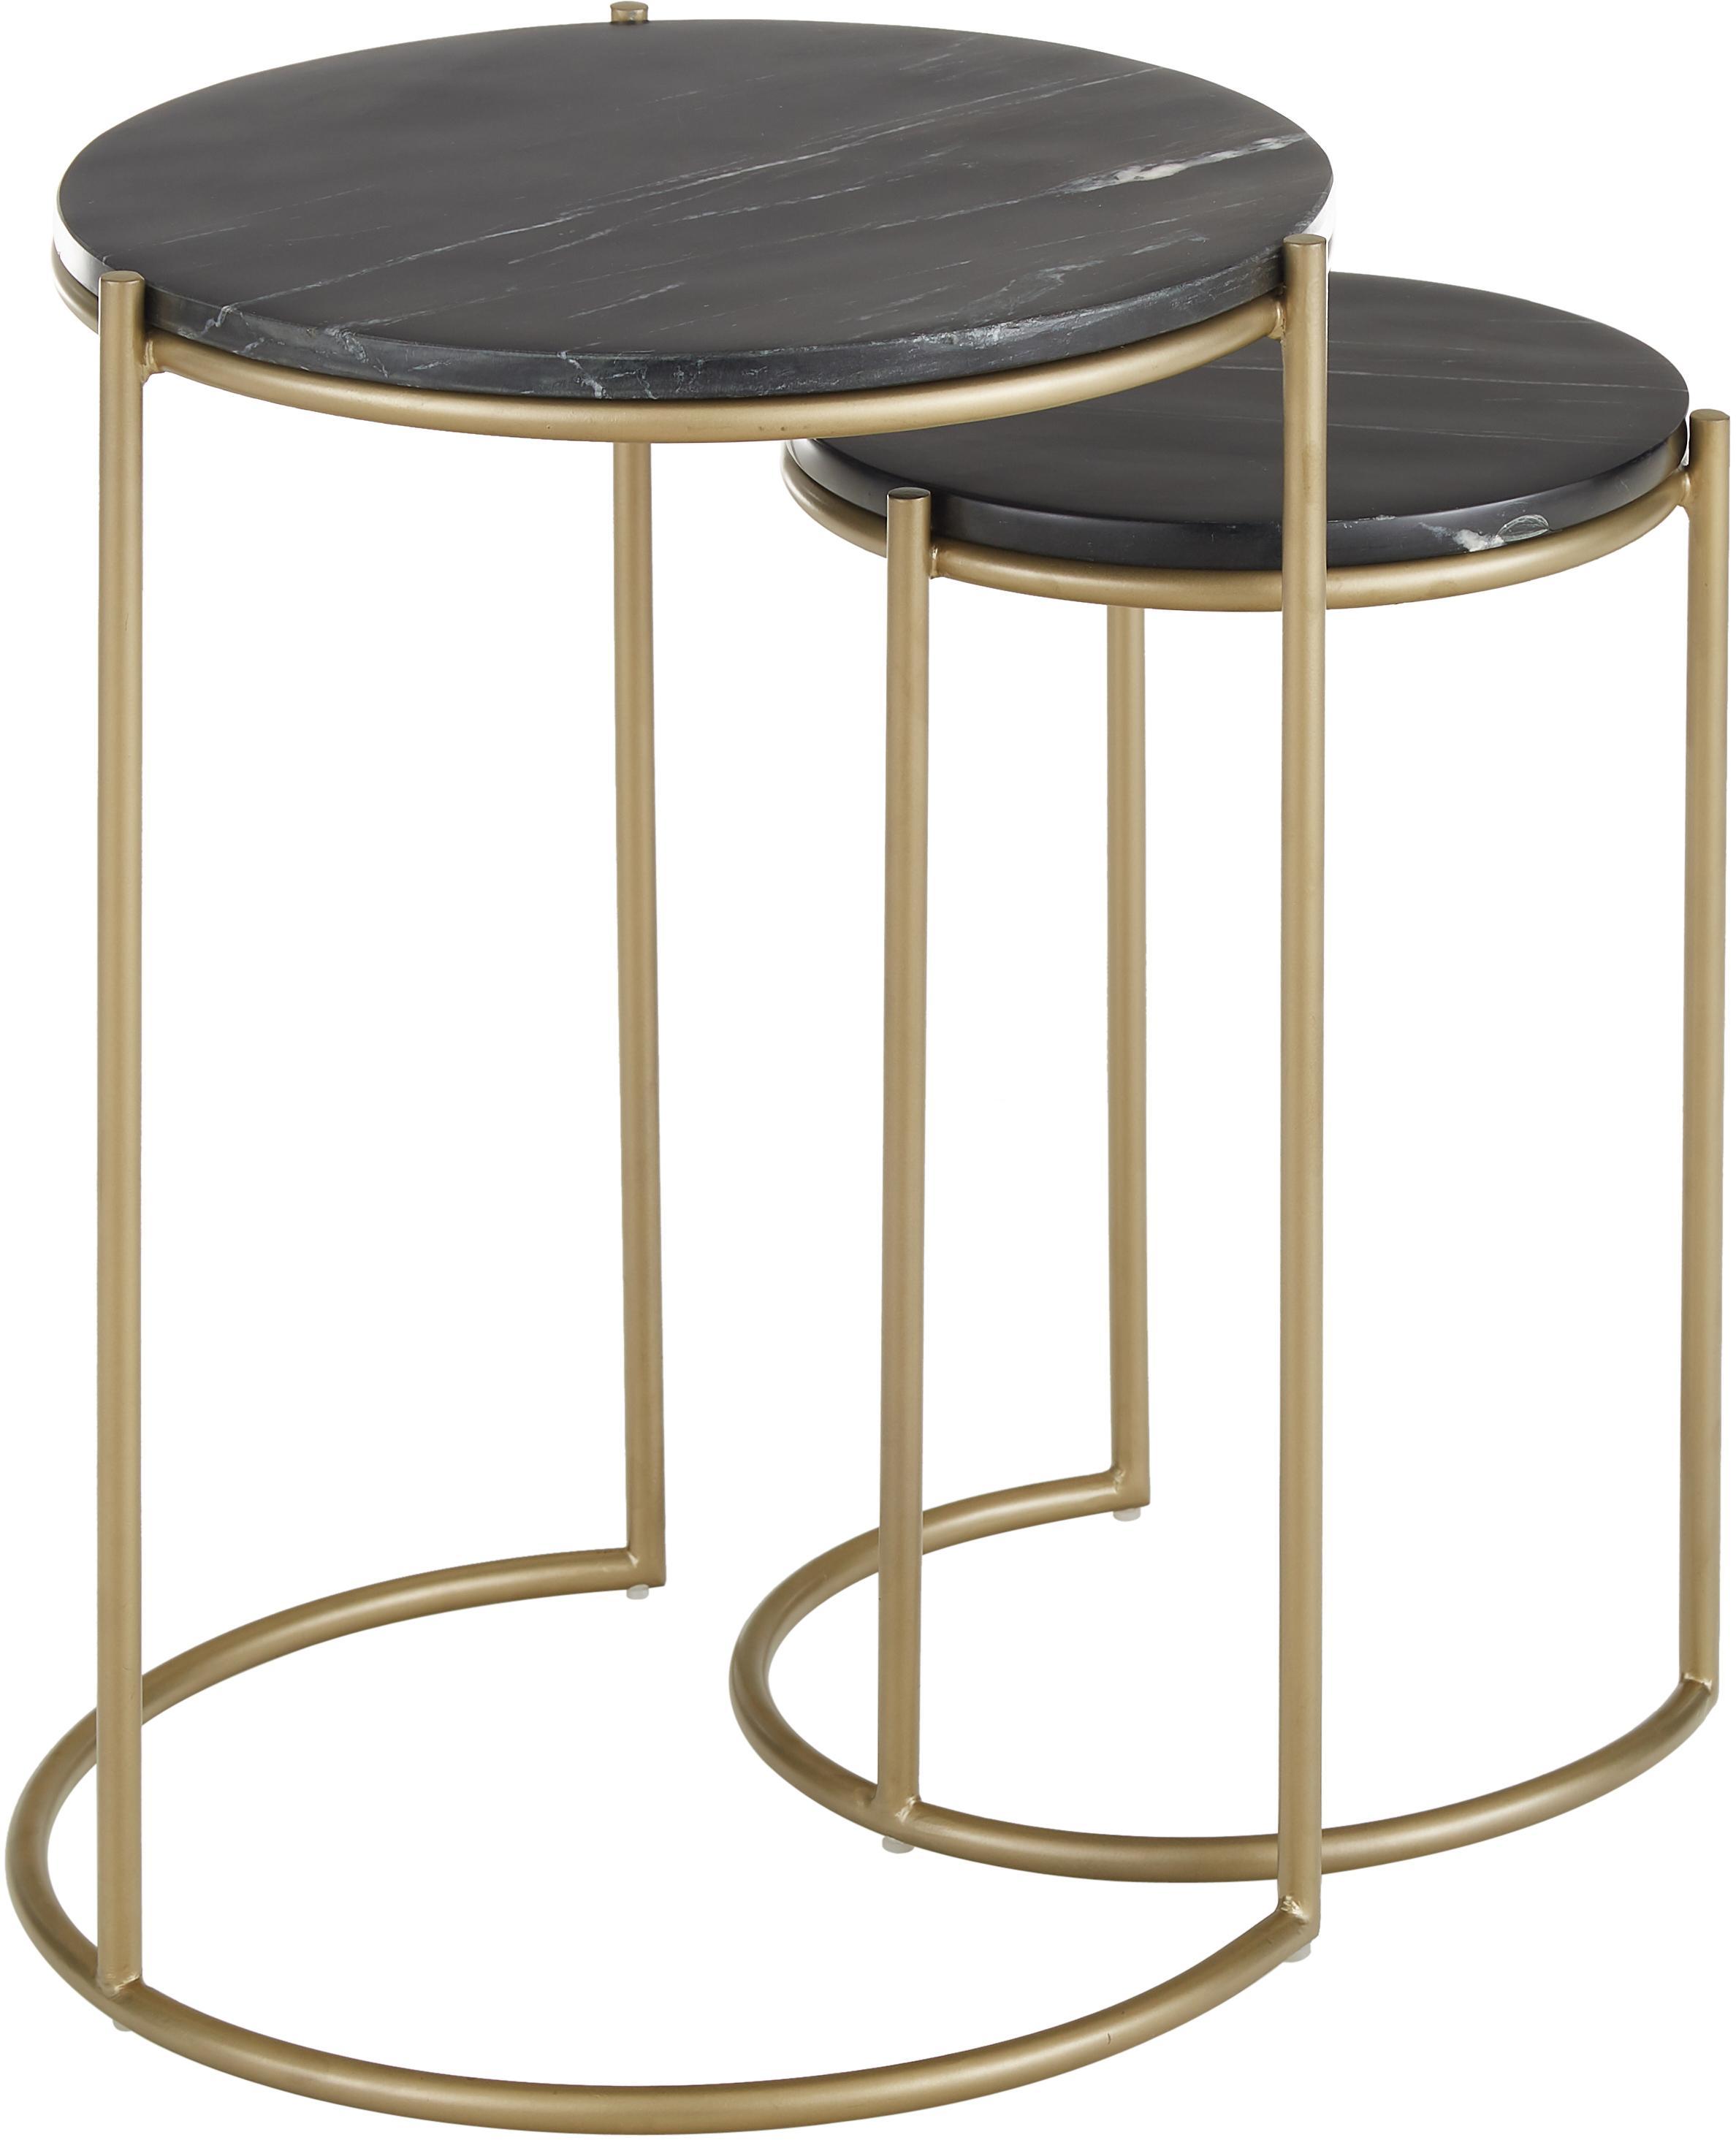 Marmor-Beistelltisch-Set Ella, Tischplatten: Schwarzer Marmor Gestelle: Goldfarben, matt, Sondergrößen